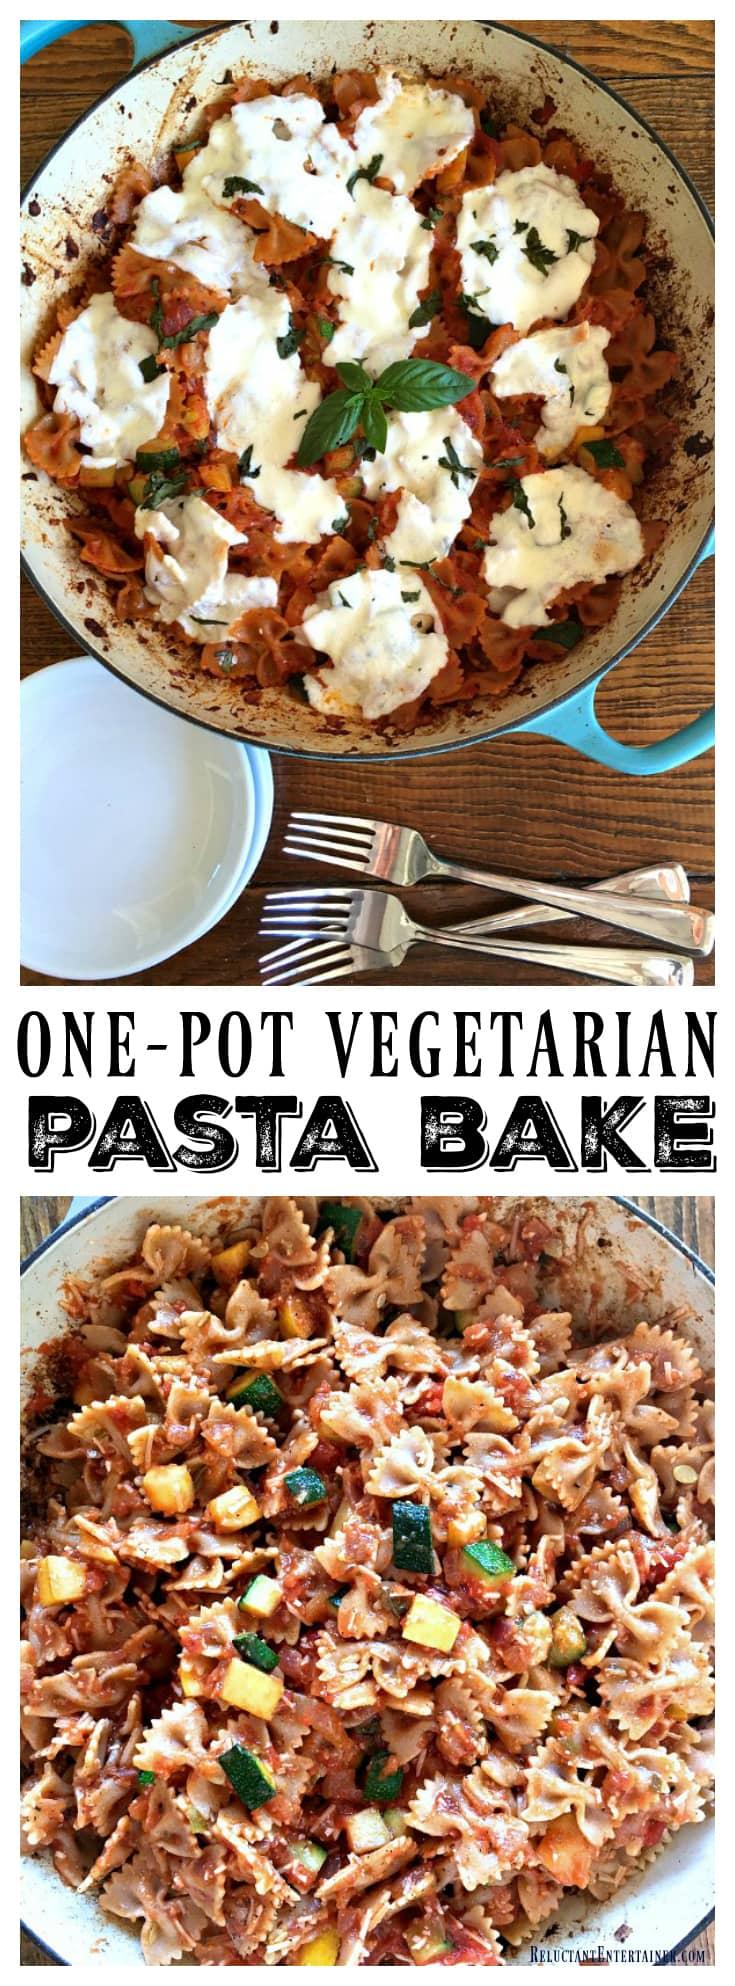 One-Pot Vegetarian Pasta Bake